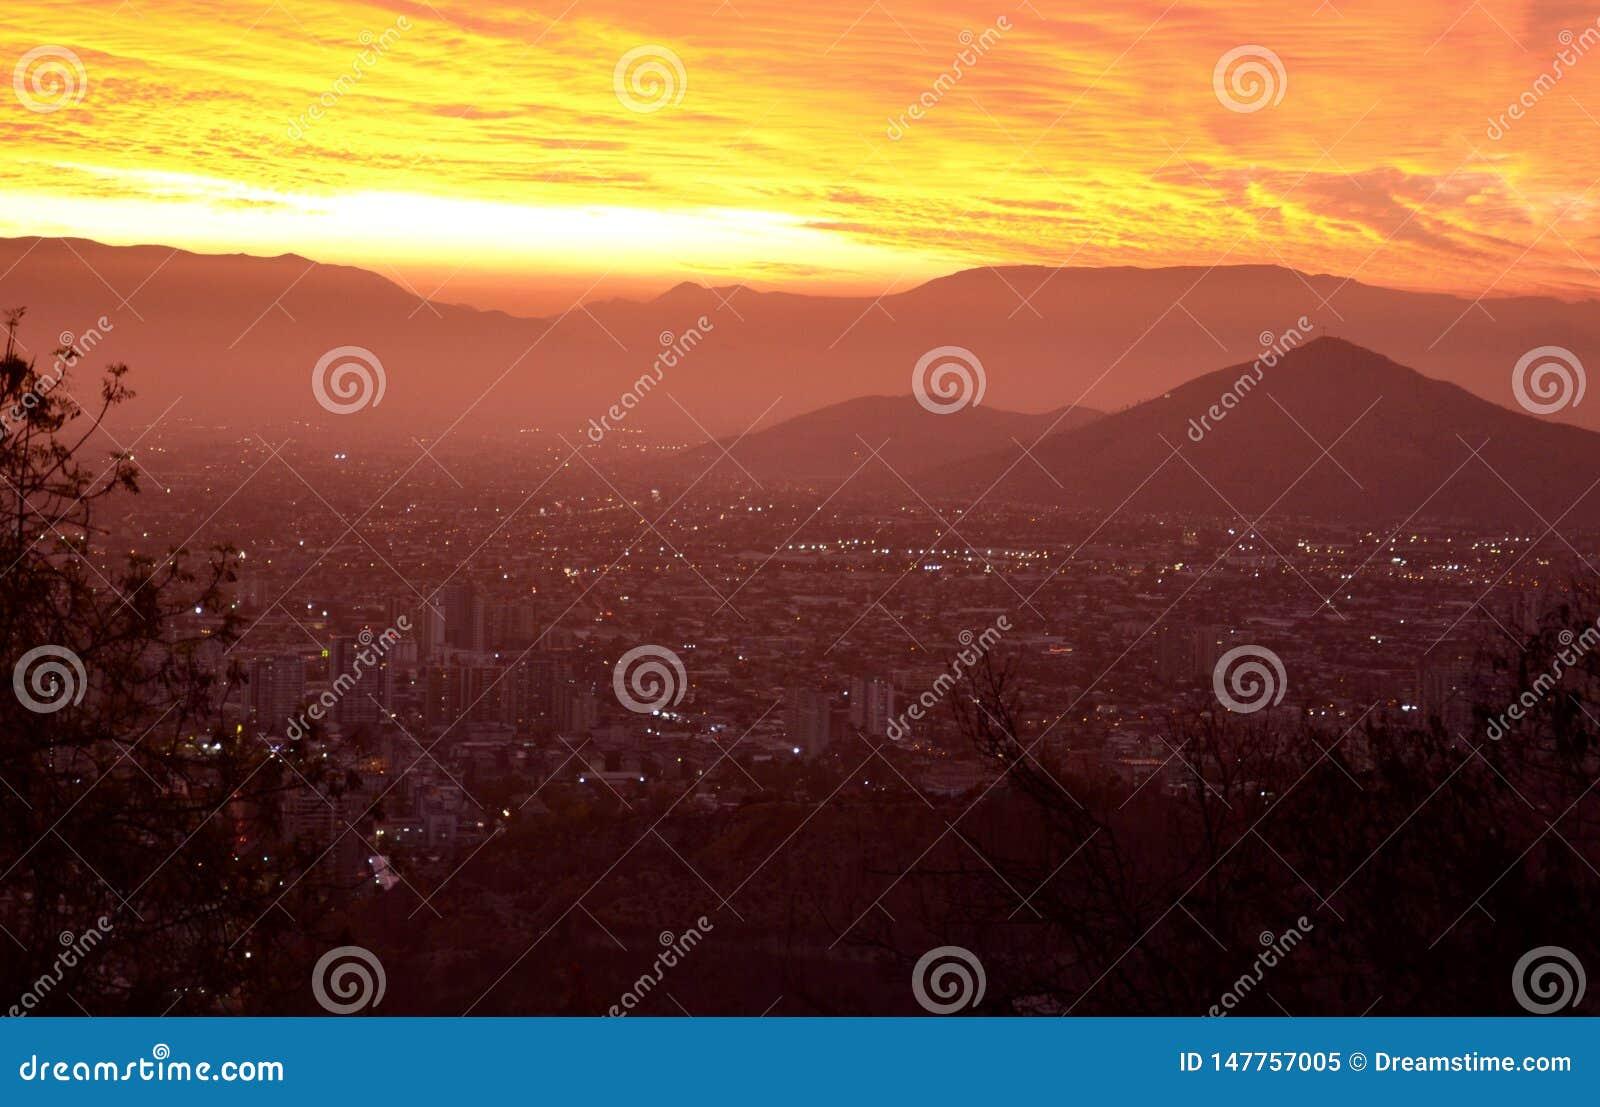 Coucher De Soleil sura Santiago de Chile